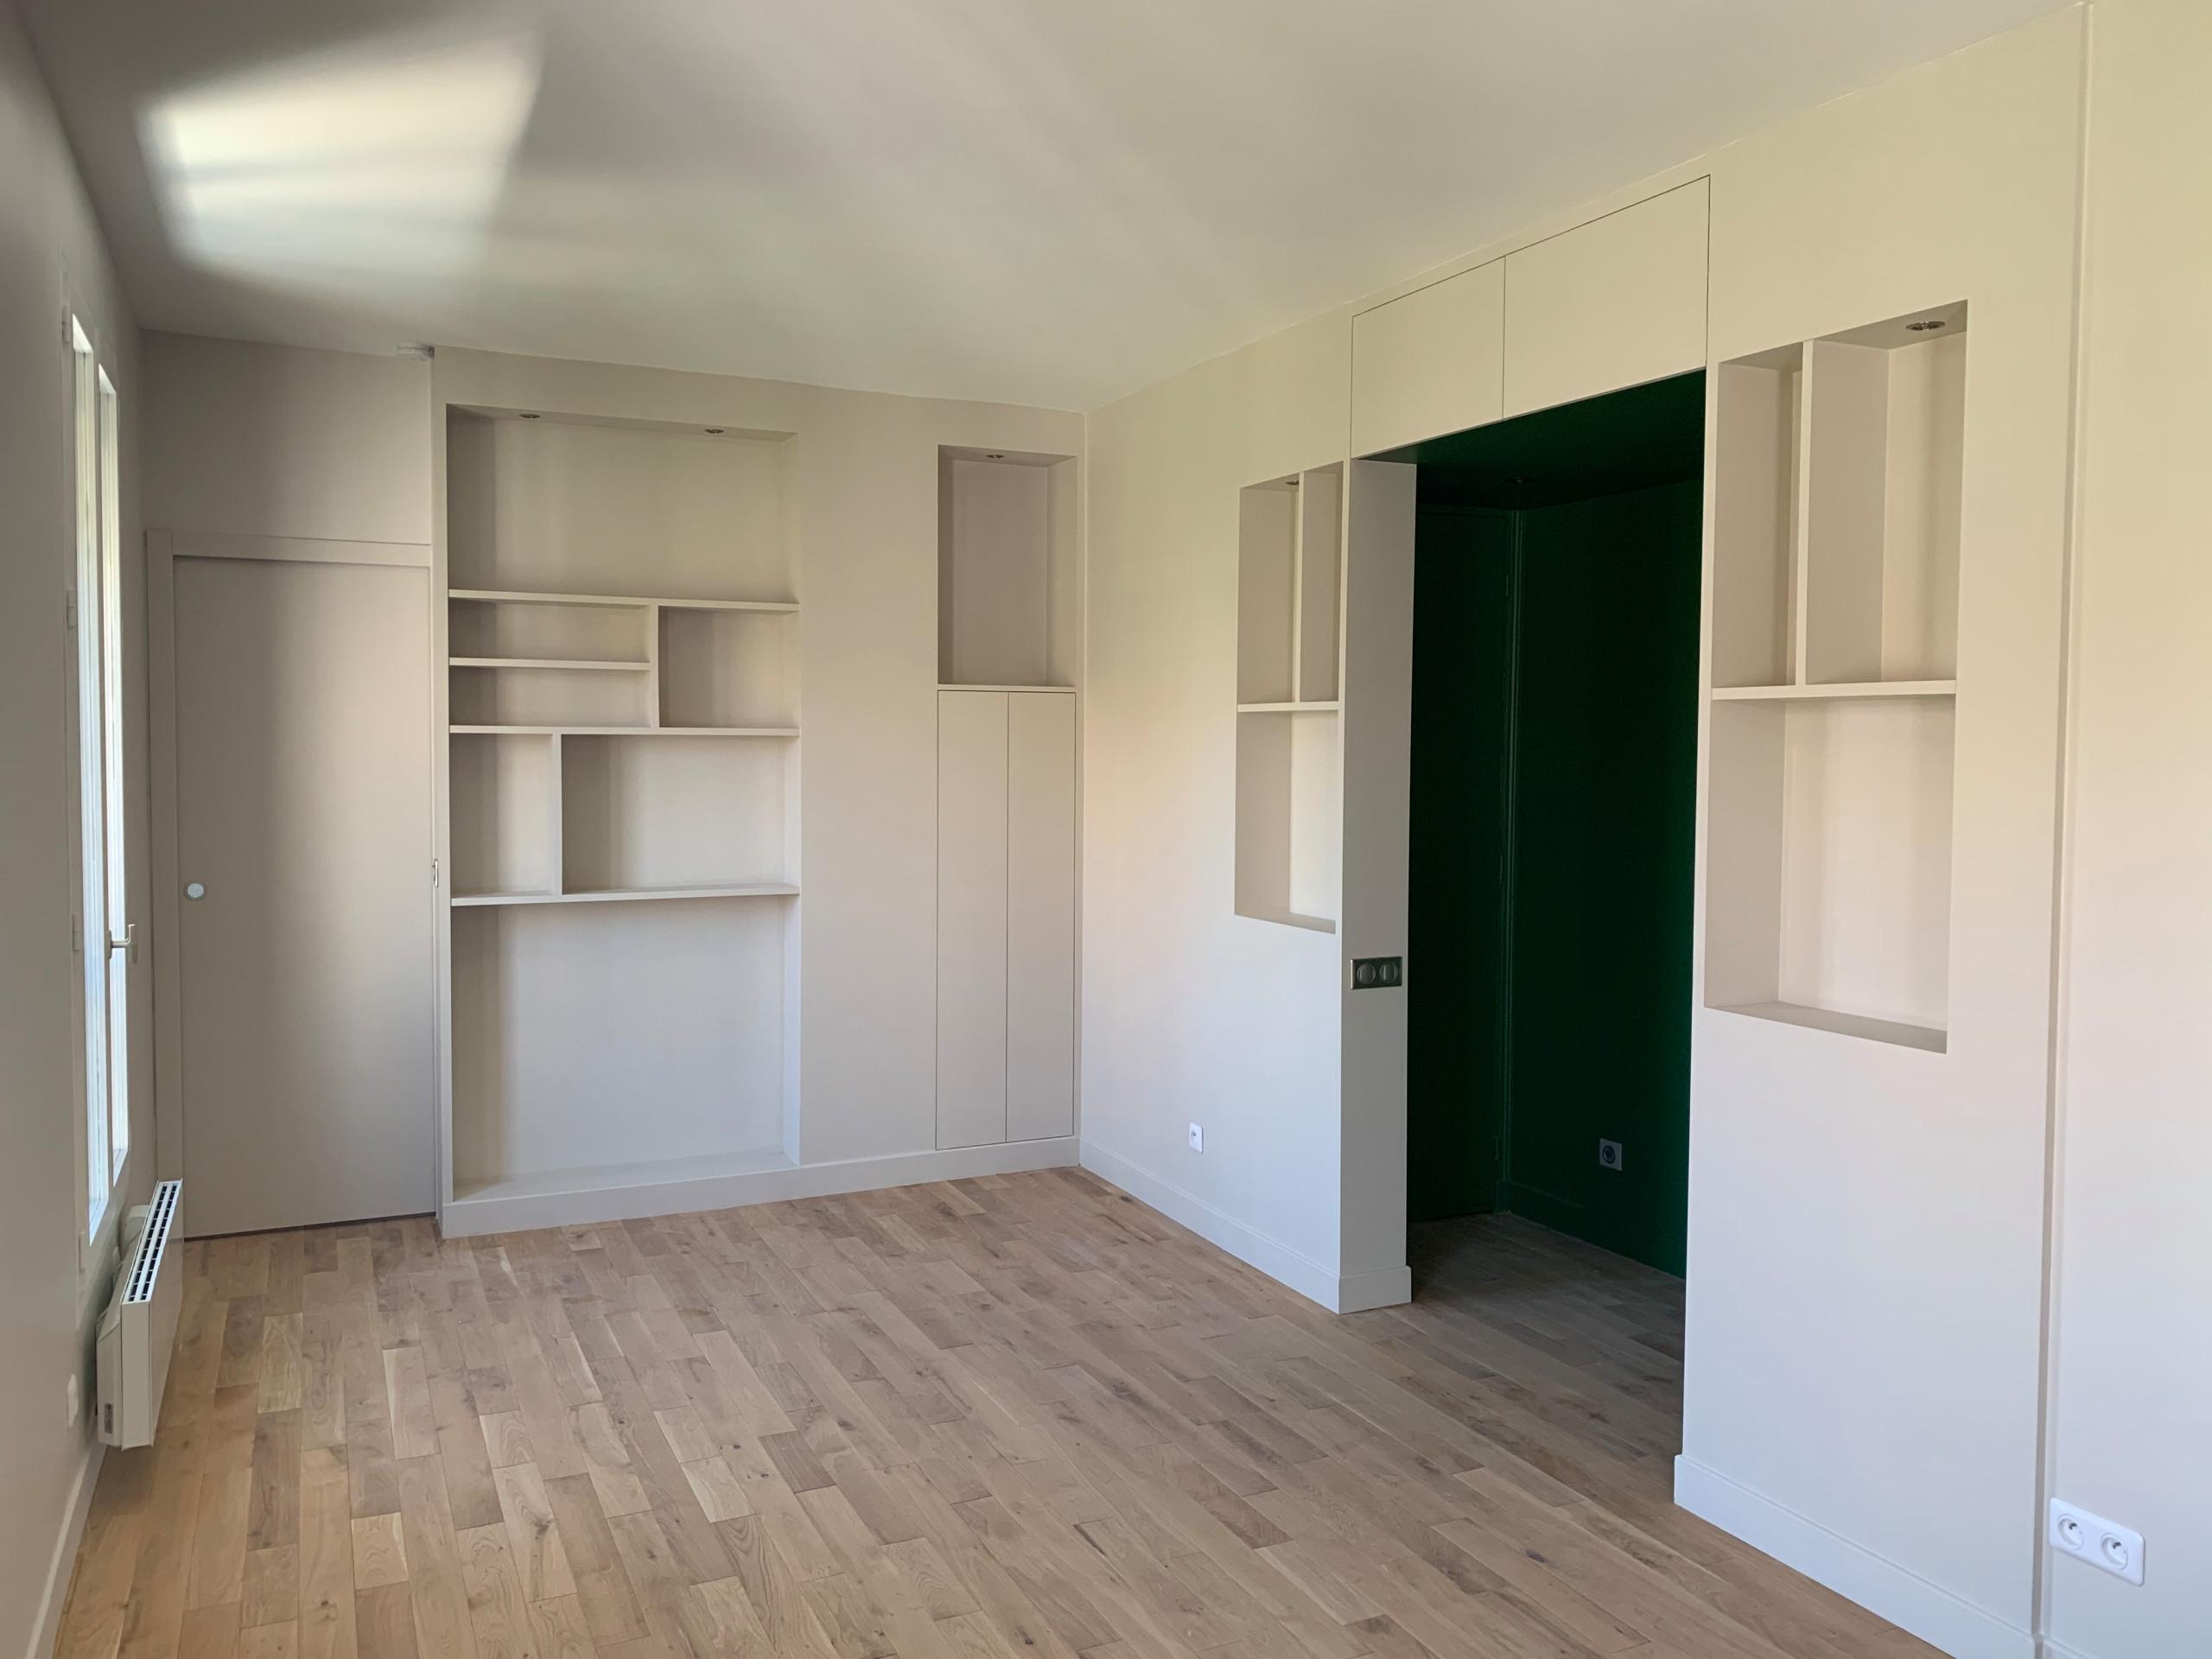 Rénovation d'un appartement dans le 11ième